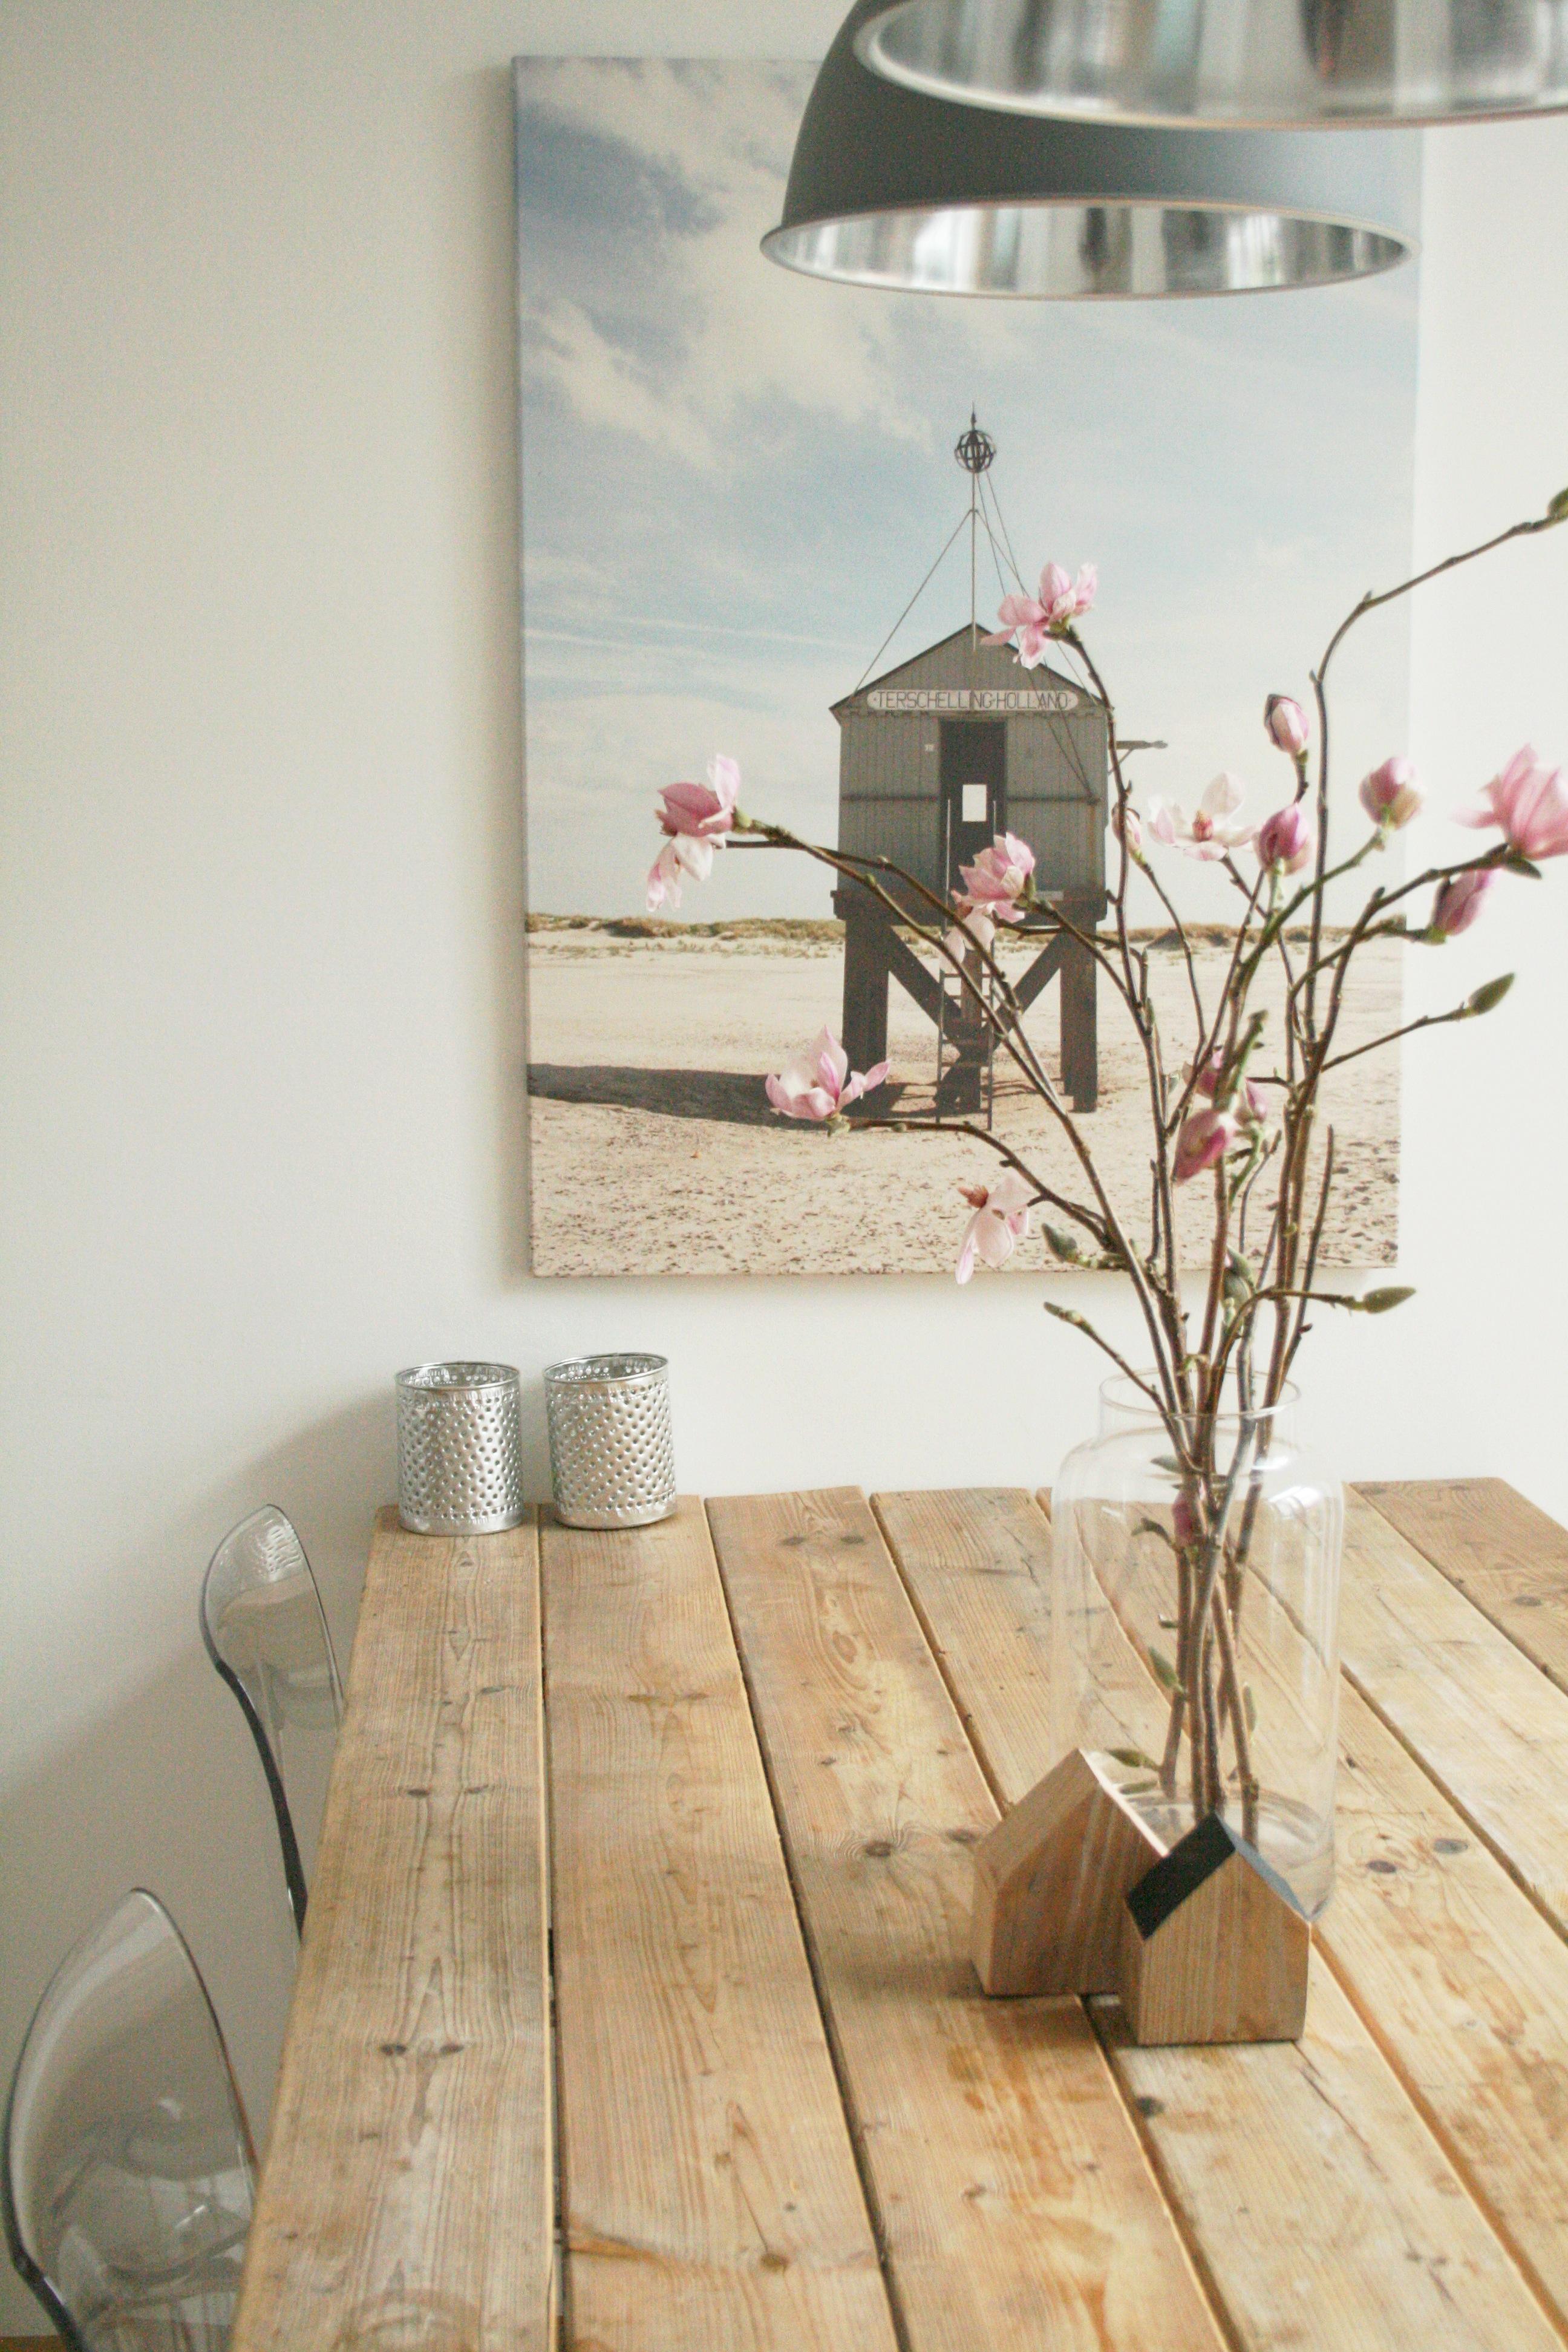 Iris en sander in hun jaren 39 30 huis in leeuwarden inspiratie voor je interieur - Tafel josephine wereldje van het huis ...